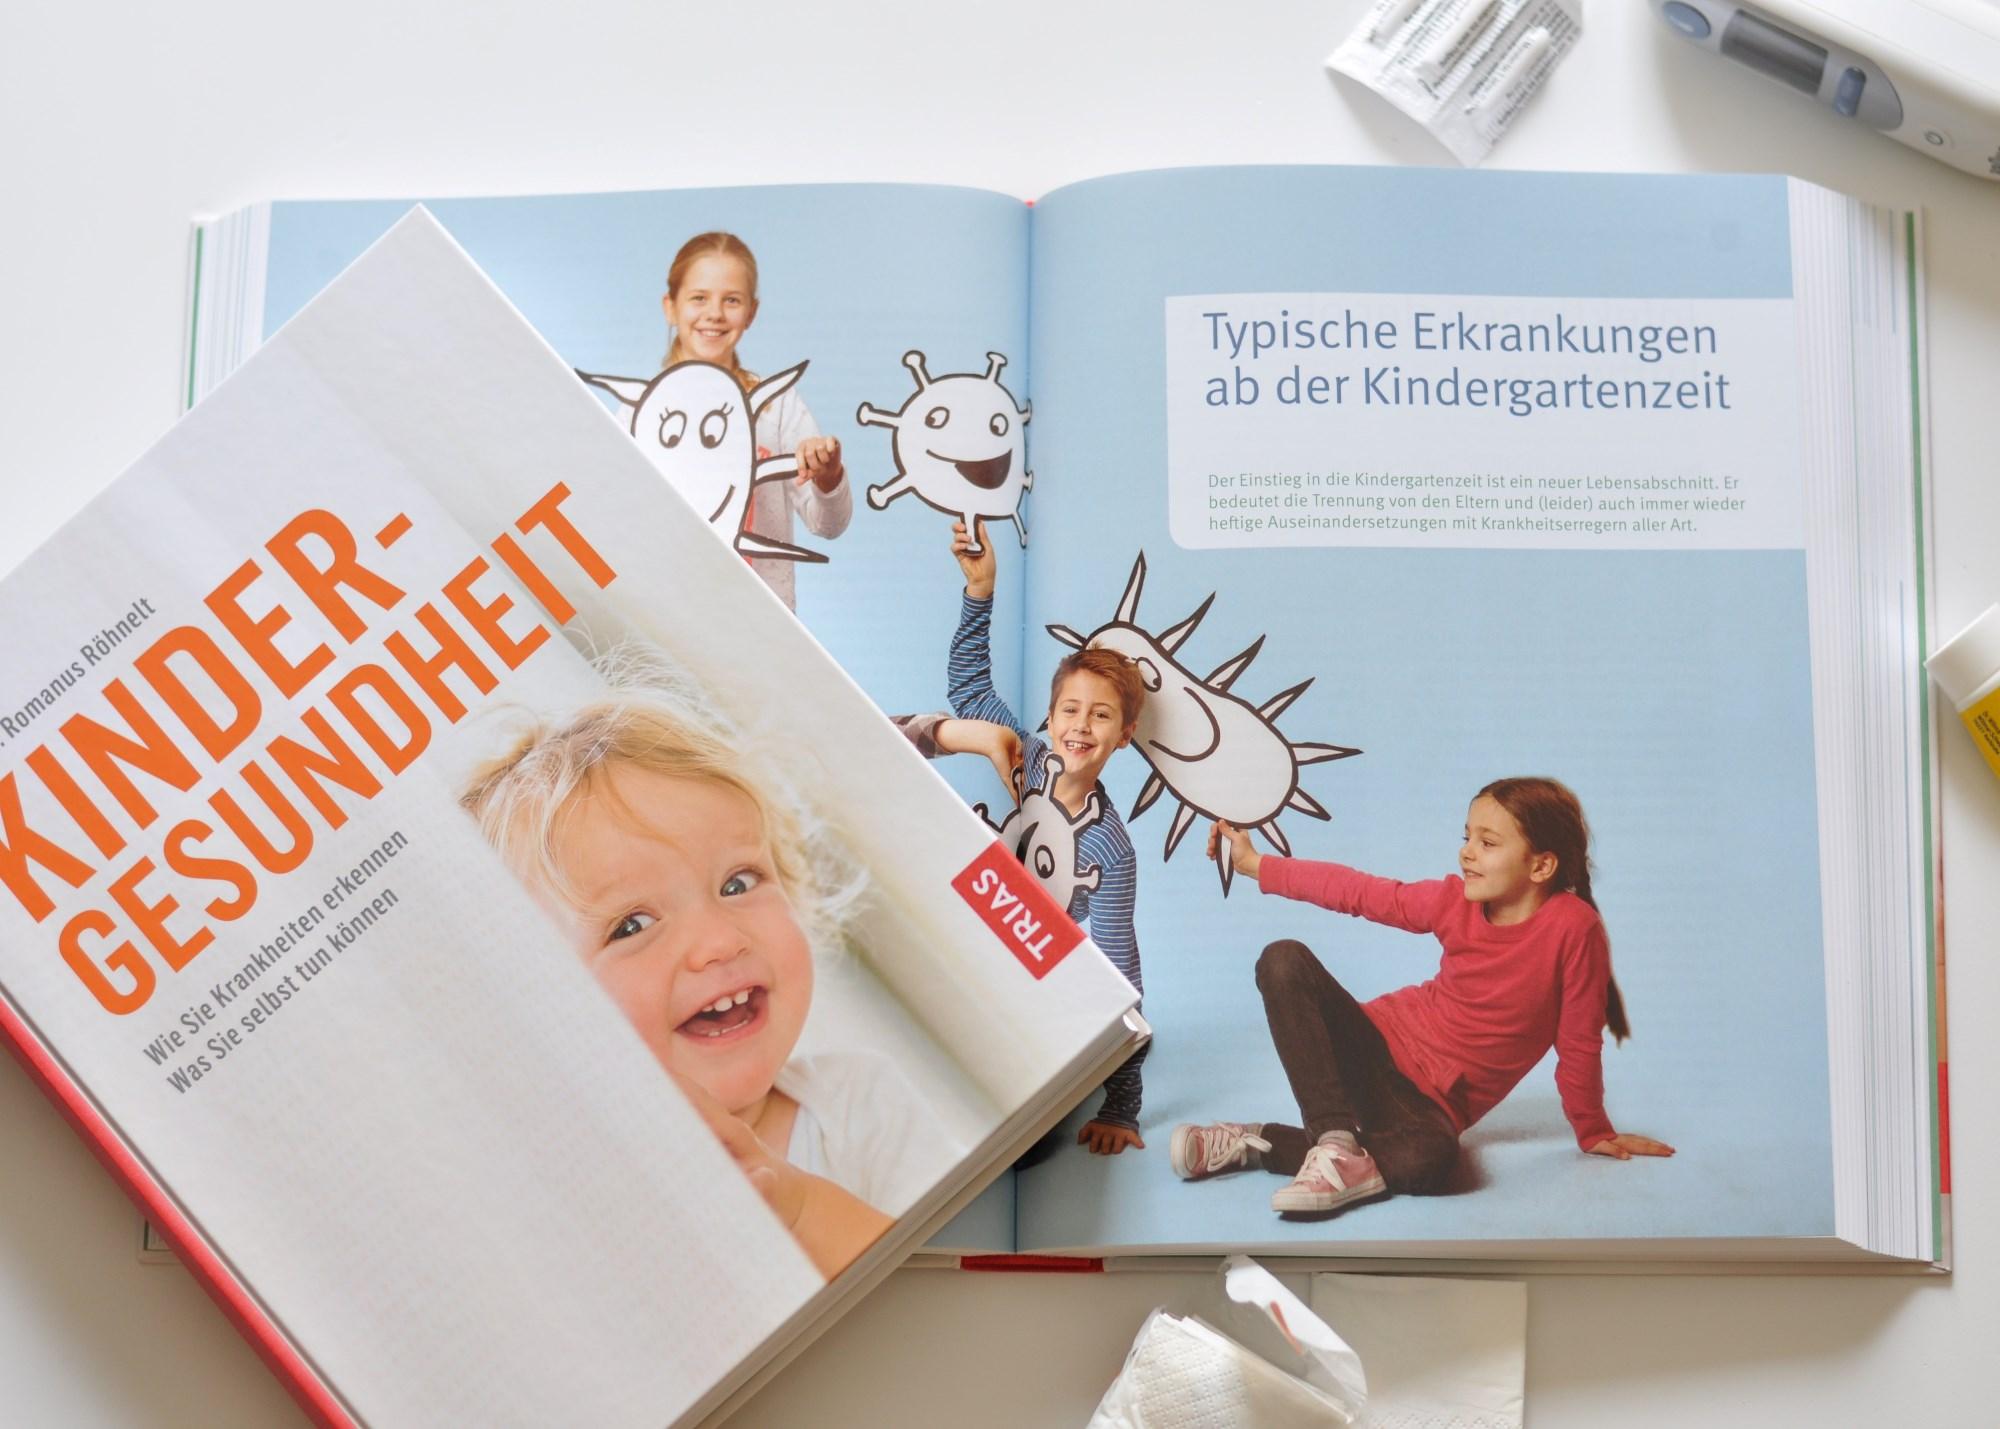 Kindergesundheit - Kinderkrankheiten besser erkennen, vom Baby bis zum Schulkind, alles über Kinderkrankheiten und Entwicklung, ein umfangreicher Ratgeber, Rezension auf dem Blog